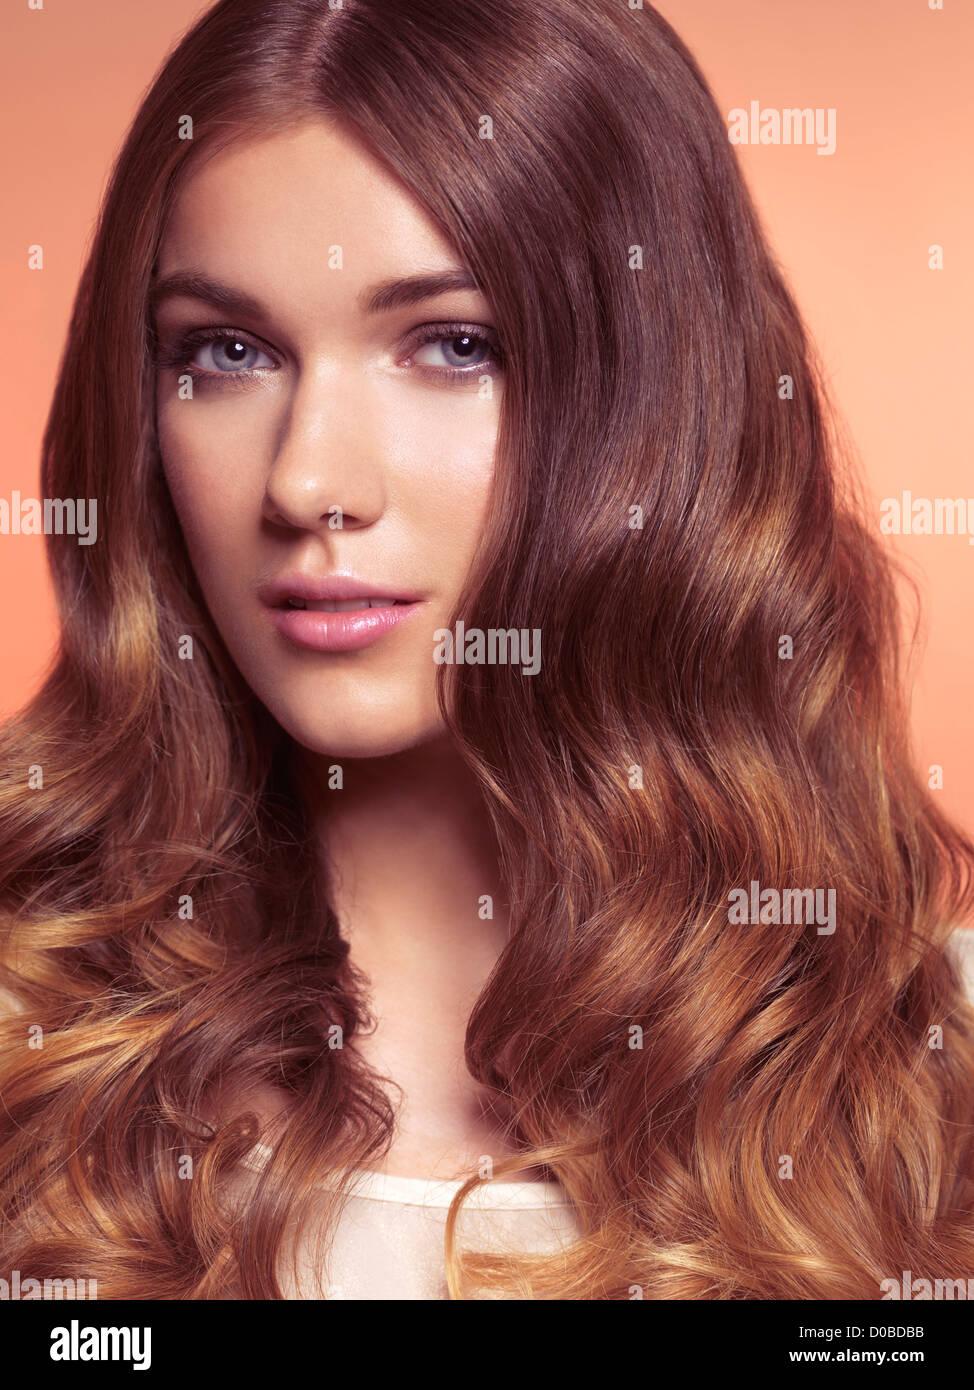 Belleza retrato de una mujer joven con largo cabello castaño ondulado Imagen De Stock